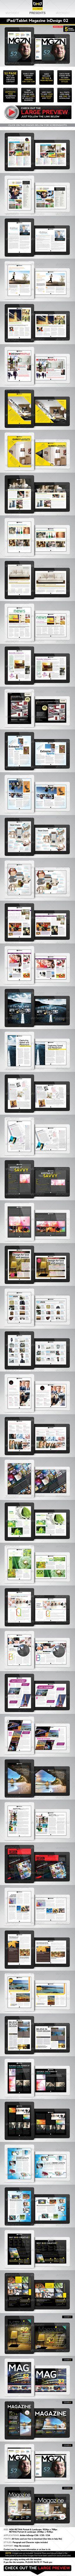 iPad/Tablet Magazine InDesign Layout 02 - Digital Magazines ePublishing